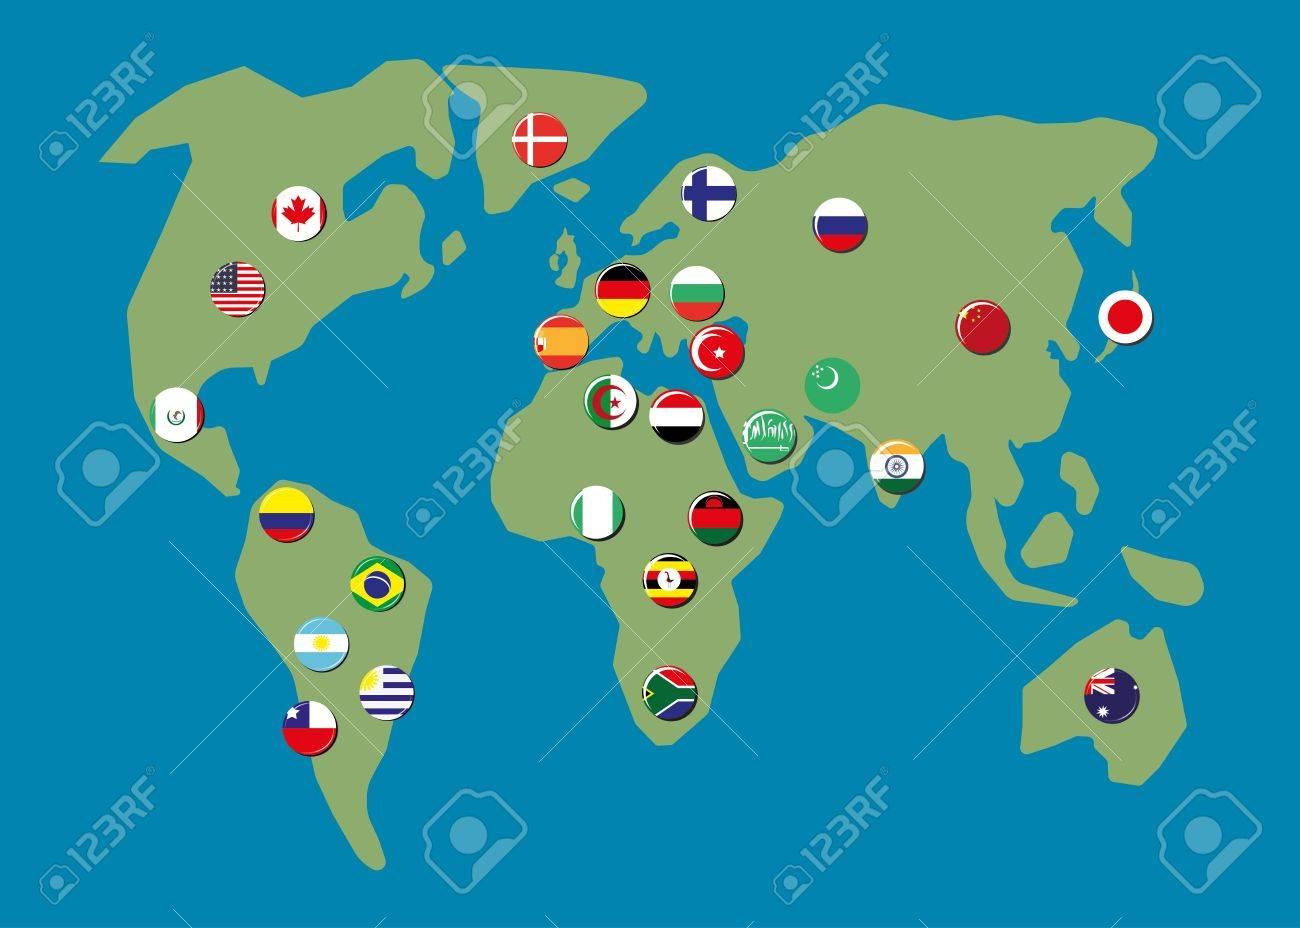 Karte Welt Mit Größter Landesflagge Abzeichen Lizenzfrei Nutzbare